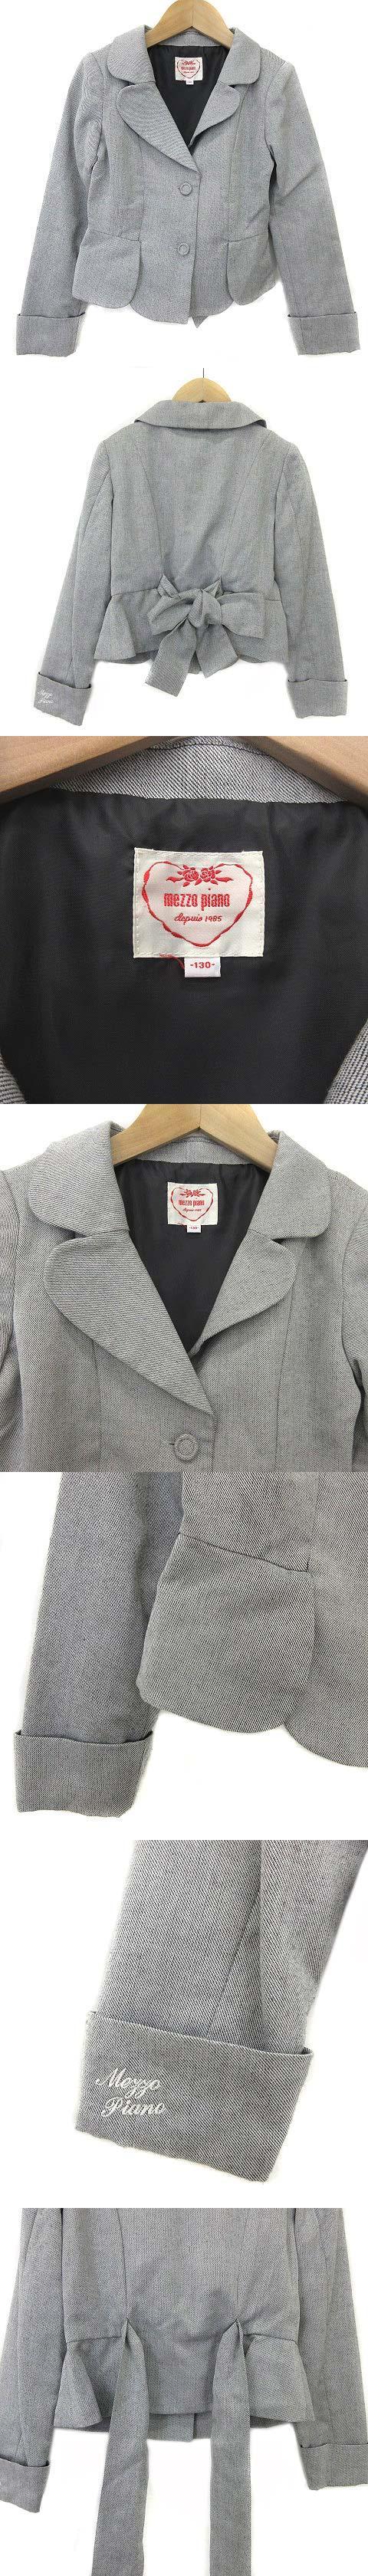 キッズ ジャケットテーラード リボン グレー size 130 ■CA7 0314